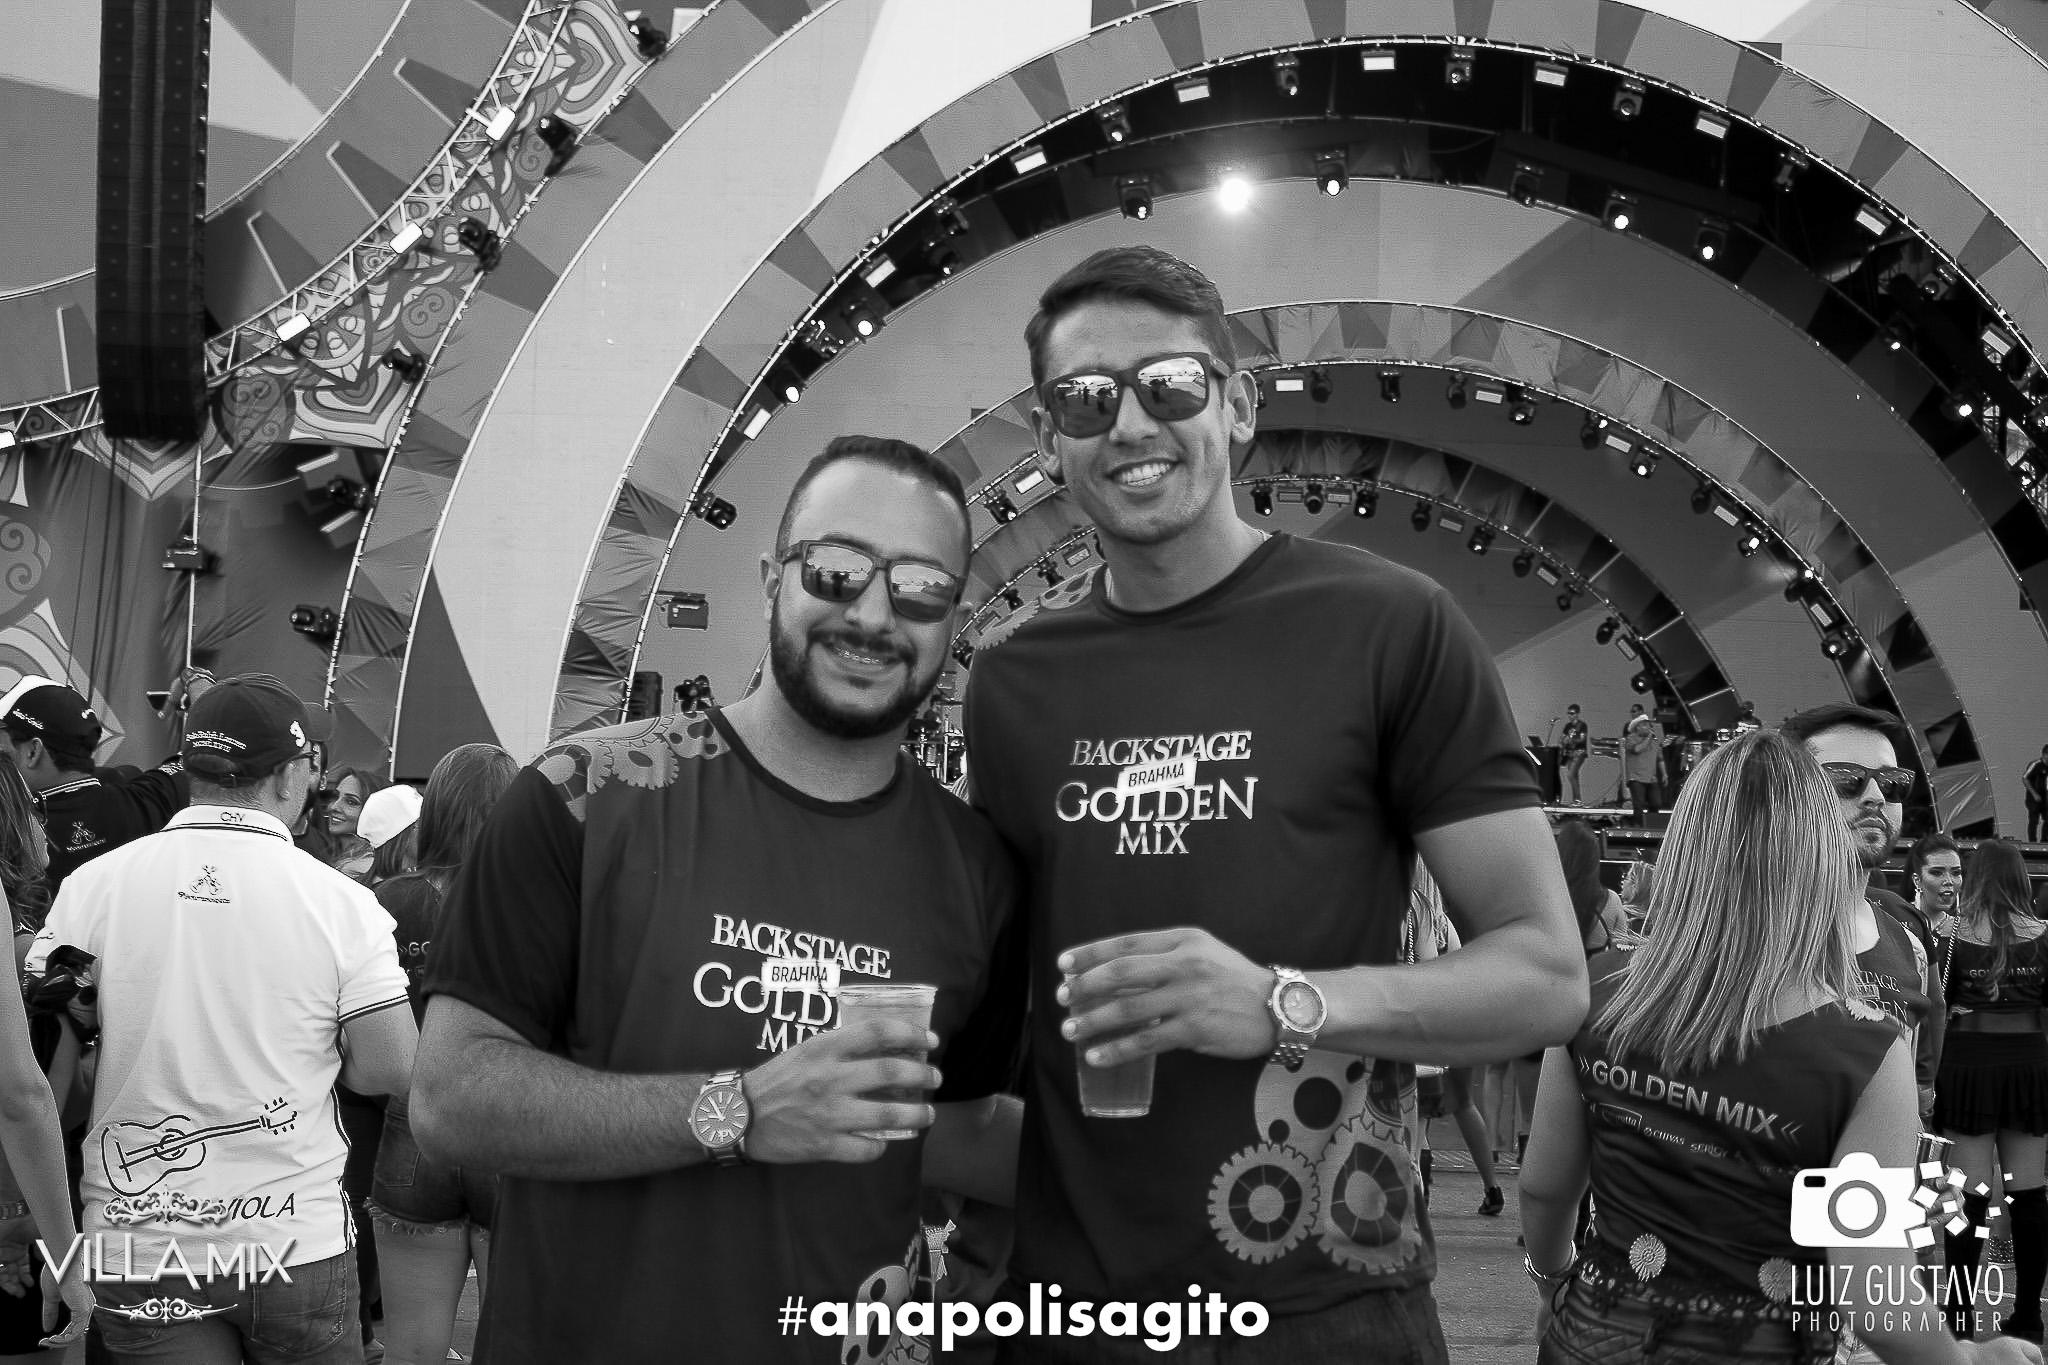 Luiz Gustavo Photographer (14 de 327)